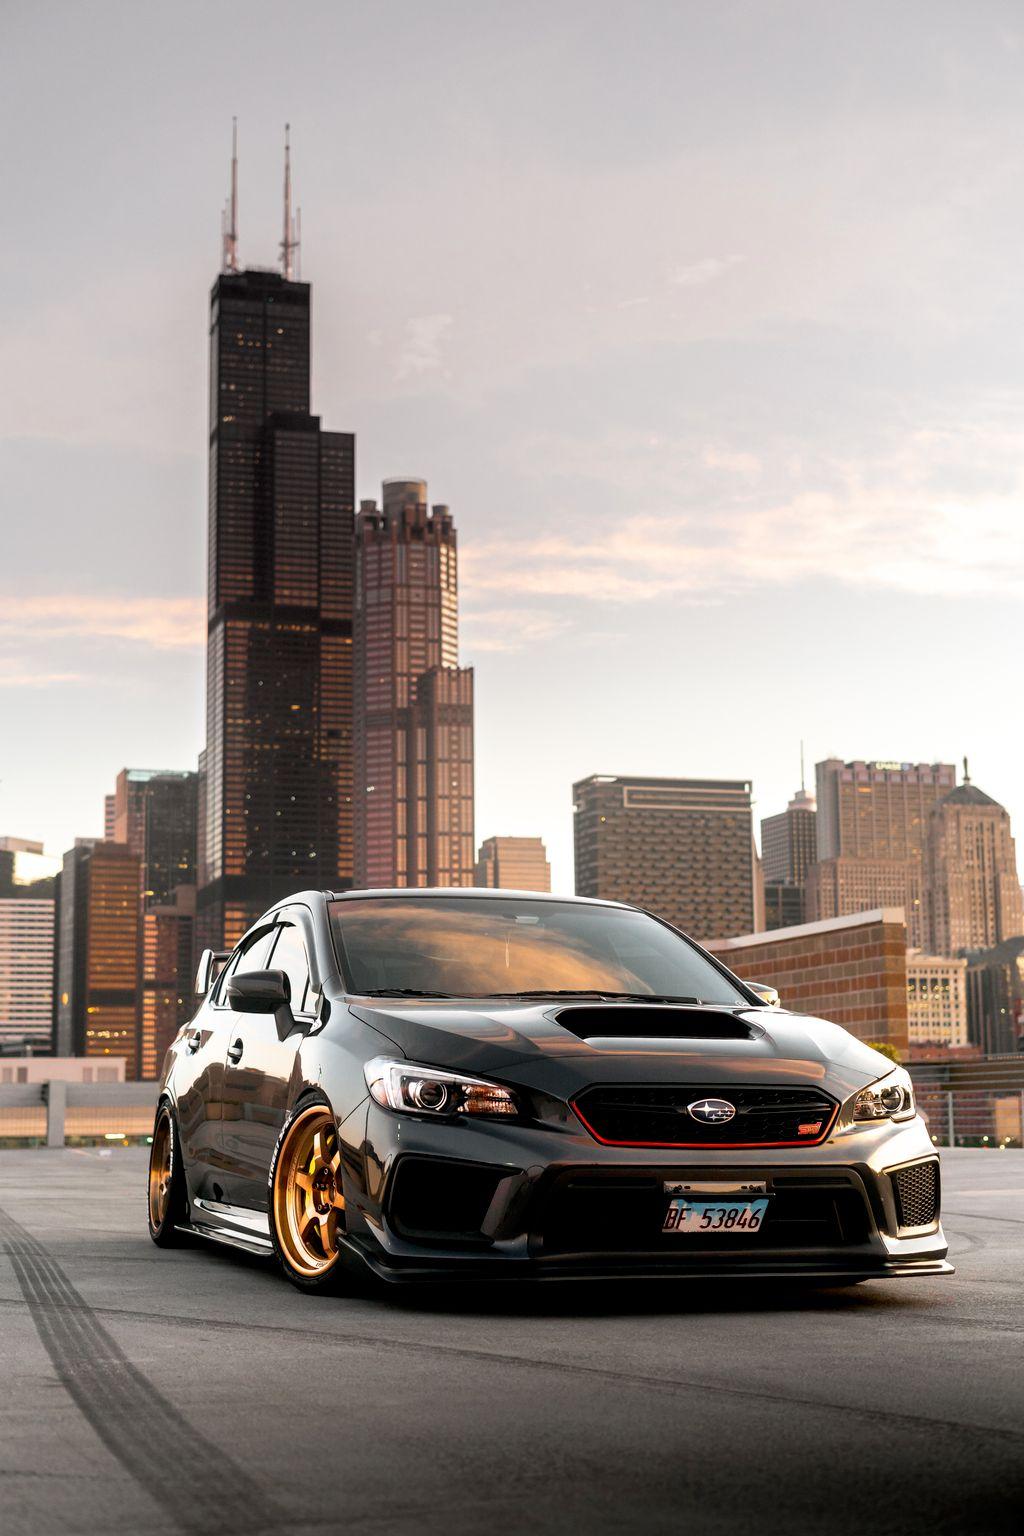 Car photograhpy